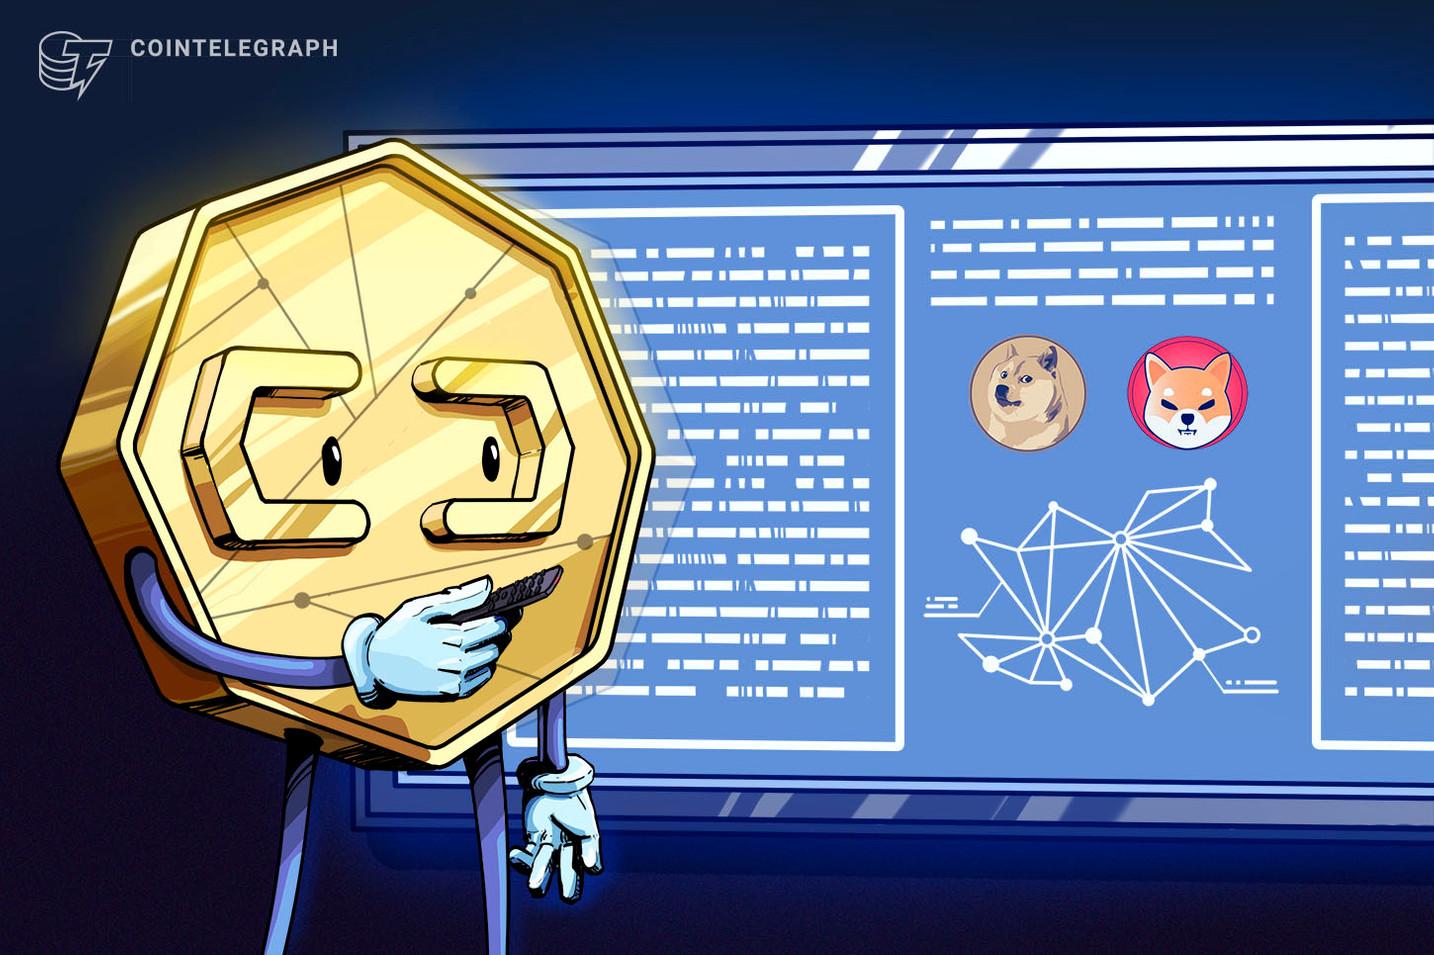 Il prezzo di Shiba Inu, imitatore di Dogecoin, sale del 146% grazie al listing su Binance